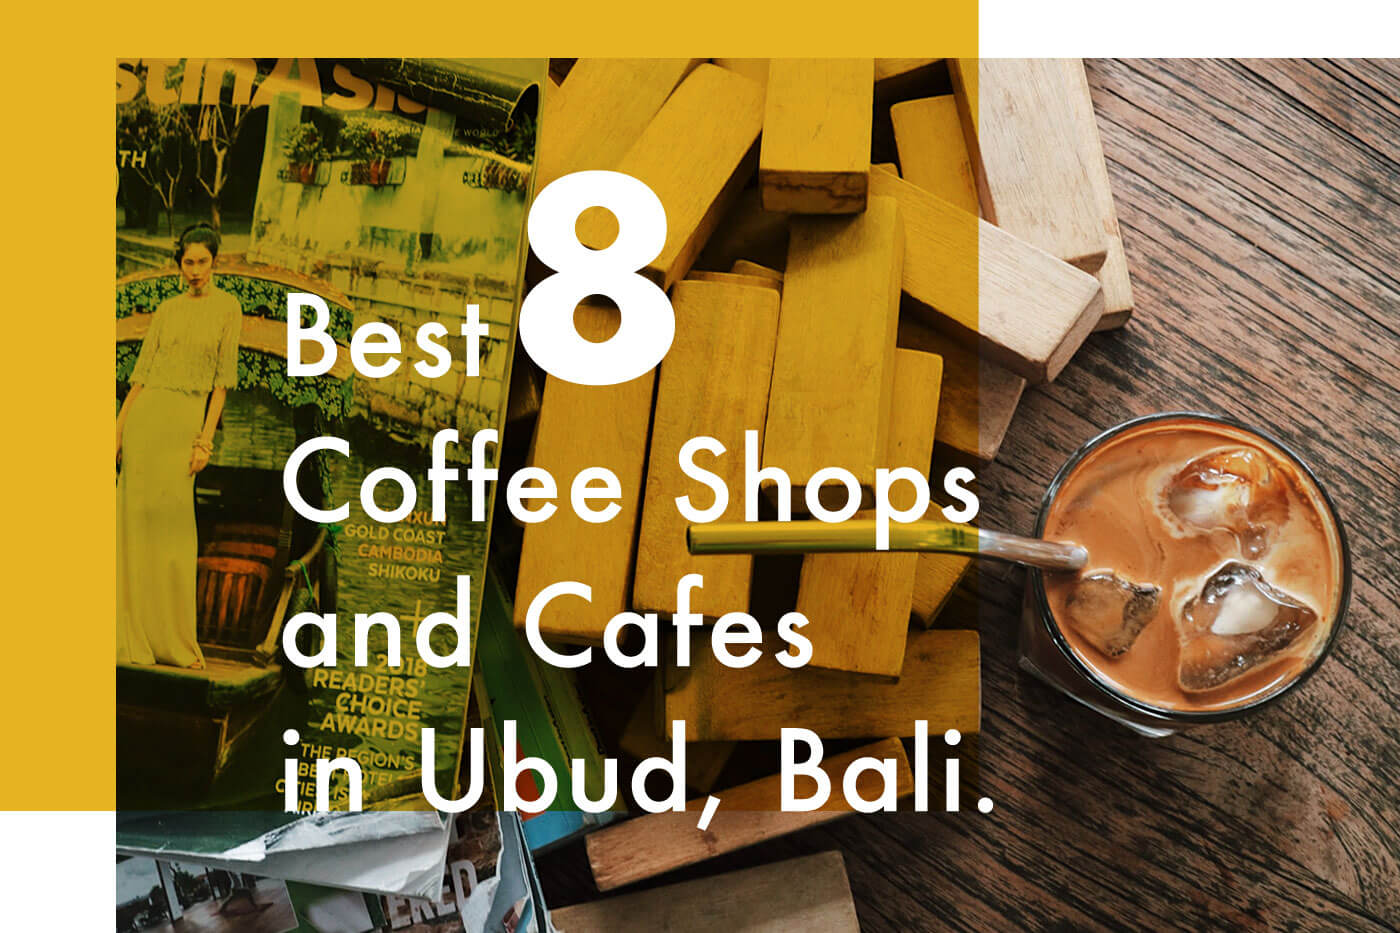 【ノマドワークも可能】バリ島ウブドのオススメカフェ8店を紹介します